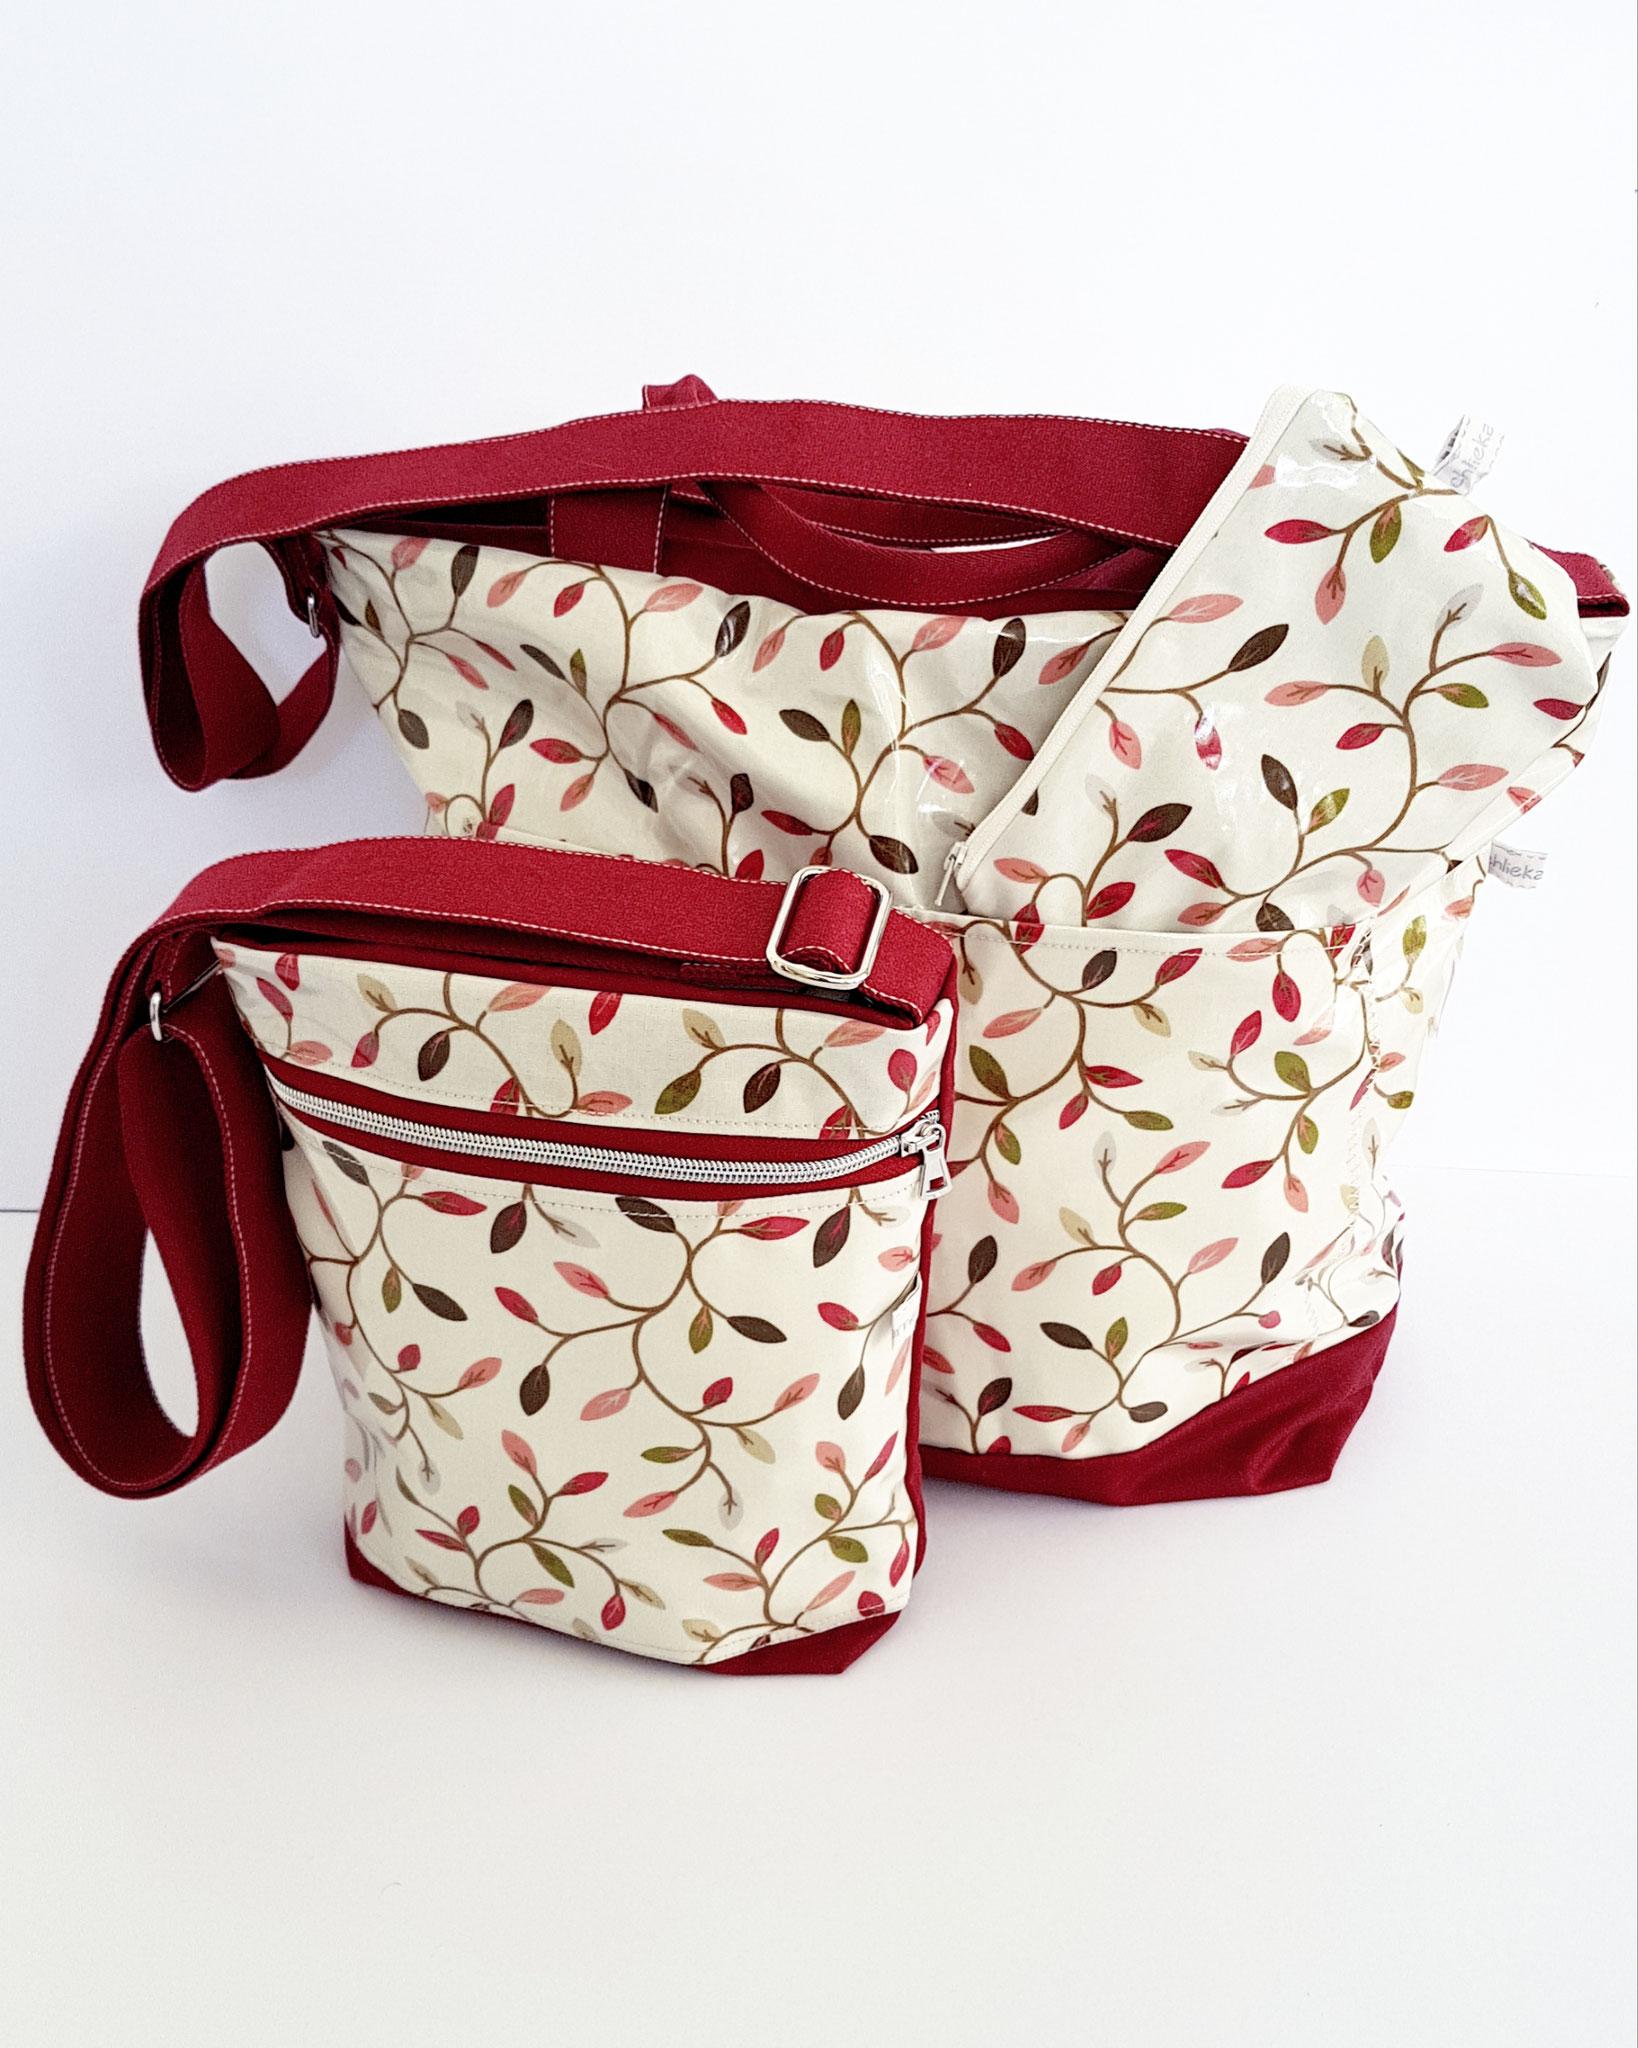 Grosse Badetasche und kleine Umhängetasche, Oikskin  rot kombiniert mit Wachstuch